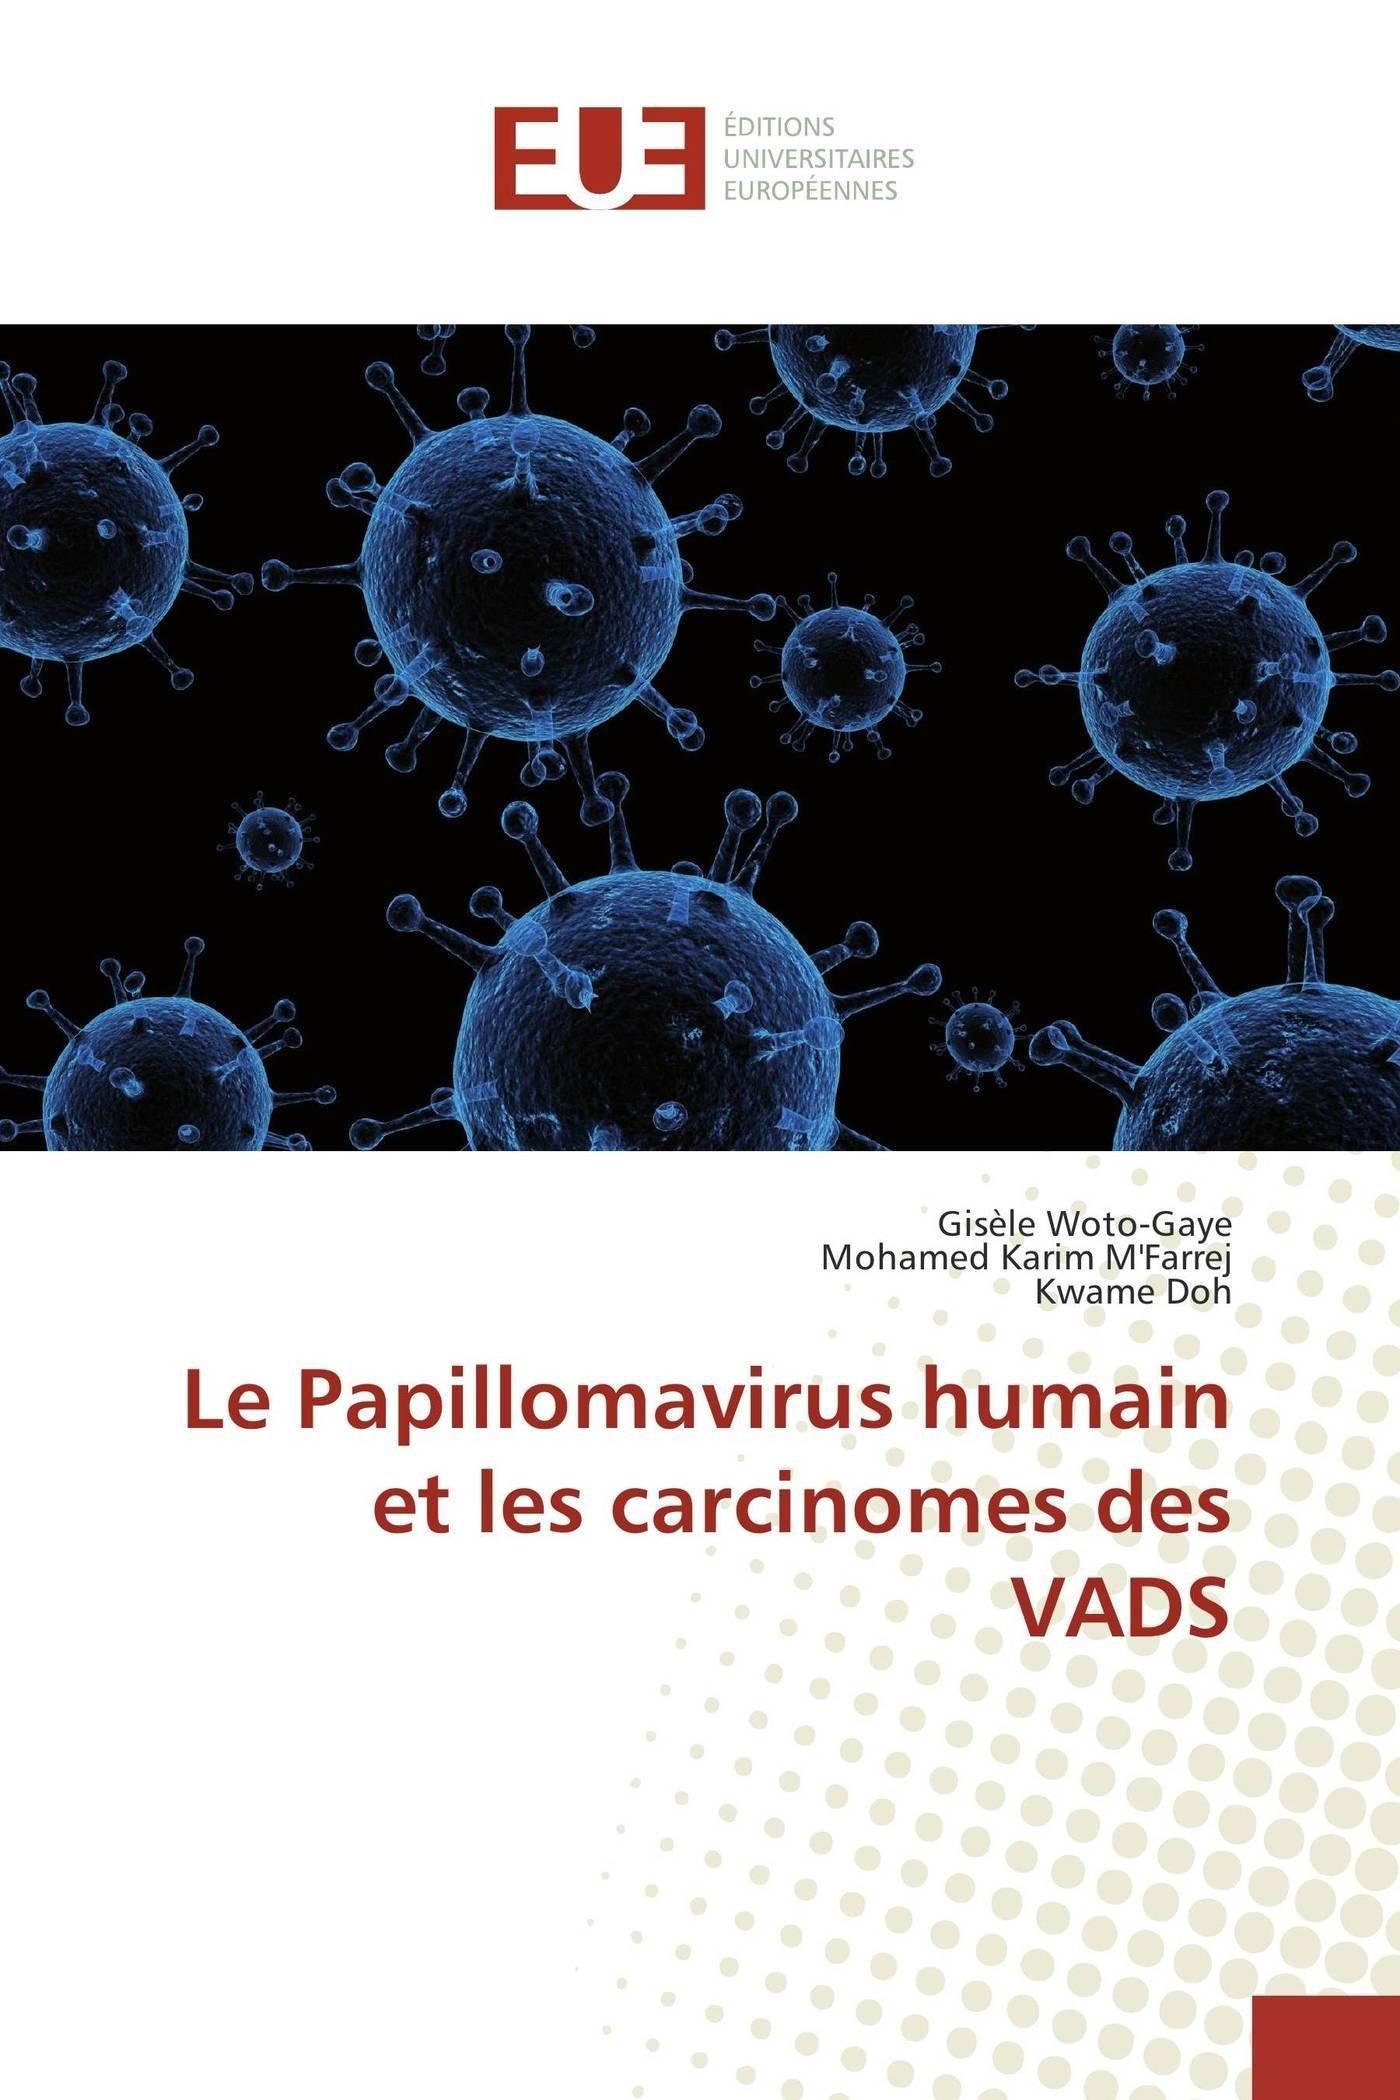 Infectie genitala Human Papilloma Virus (HPV) Maladie le papillomavirus